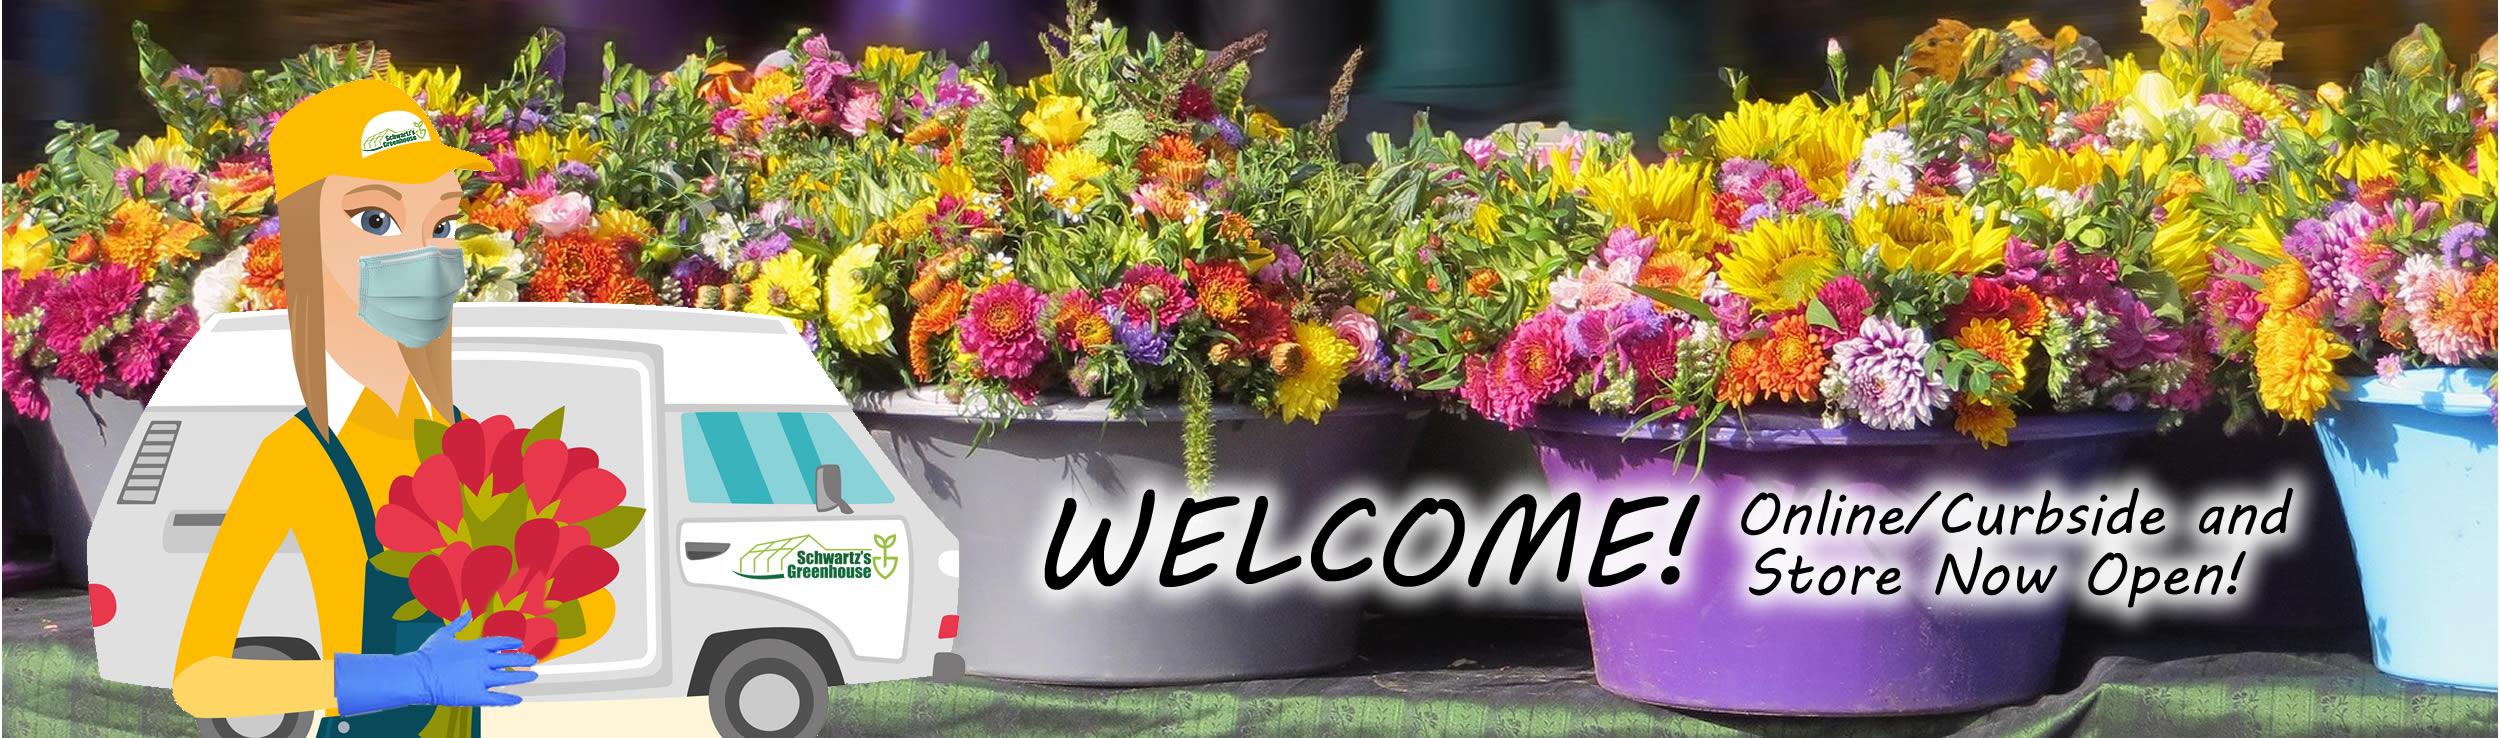 Schwartz Greenhouse & Garden Center welcome